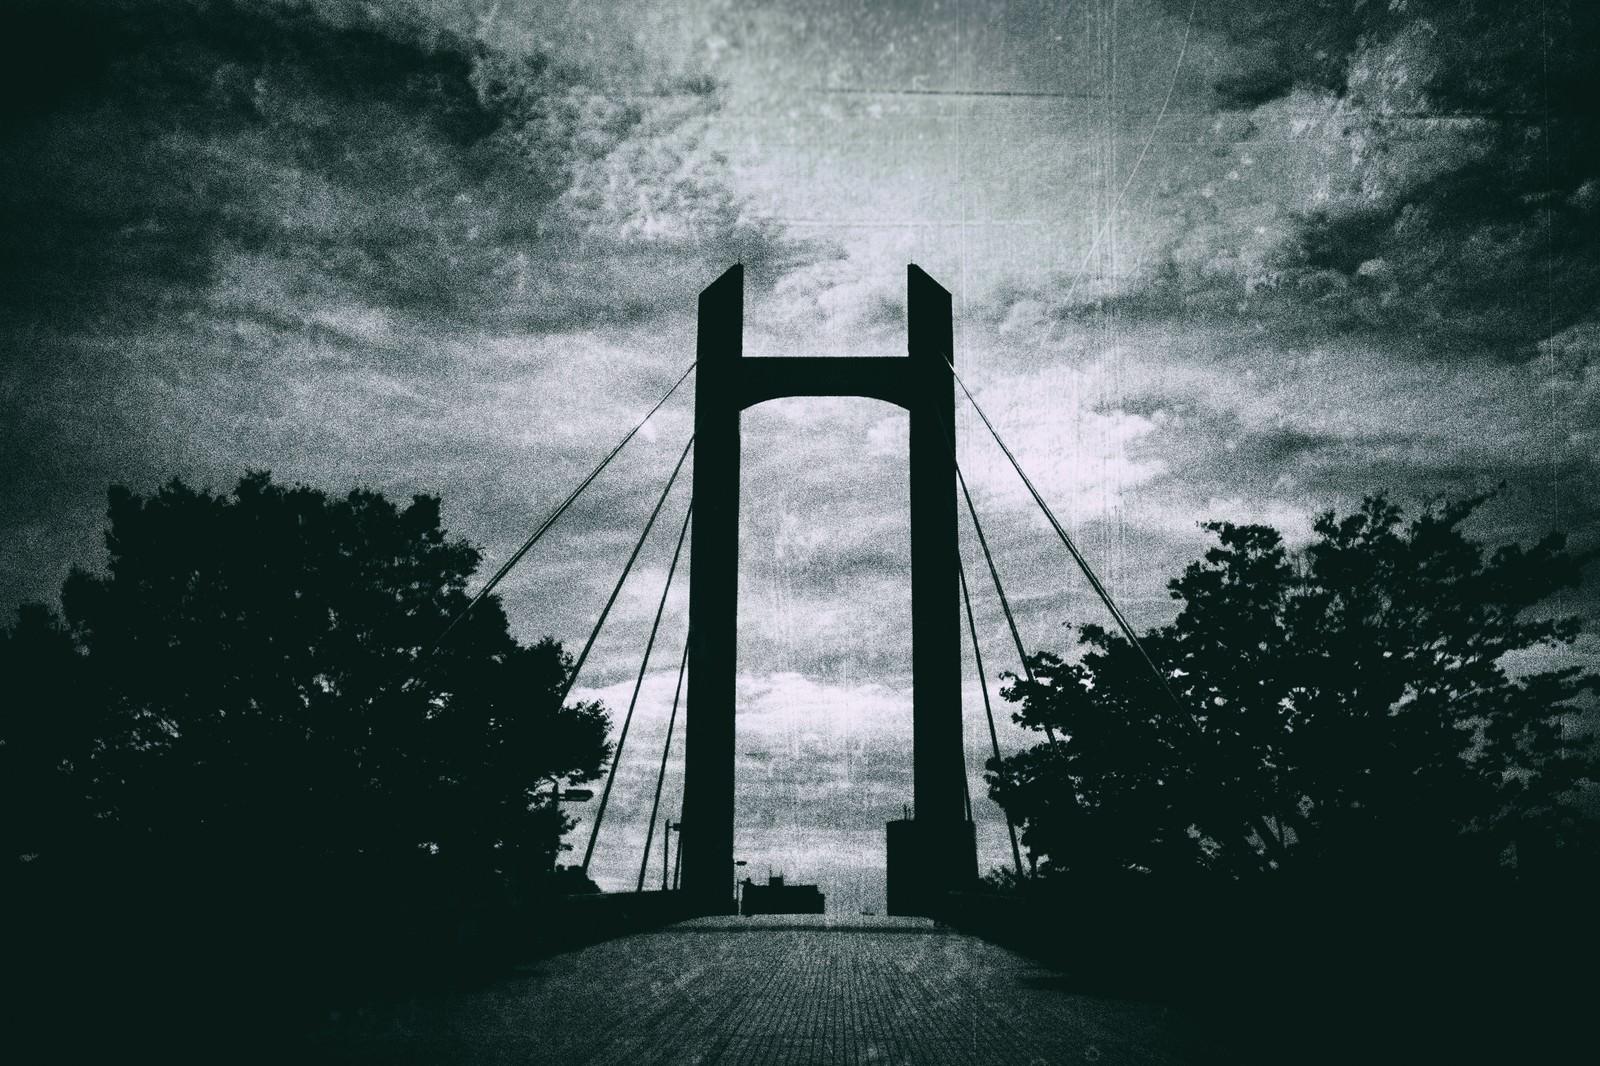 「陸橋(モノクロ)陸橋(モノクロ)」のフリー写真素材を拡大